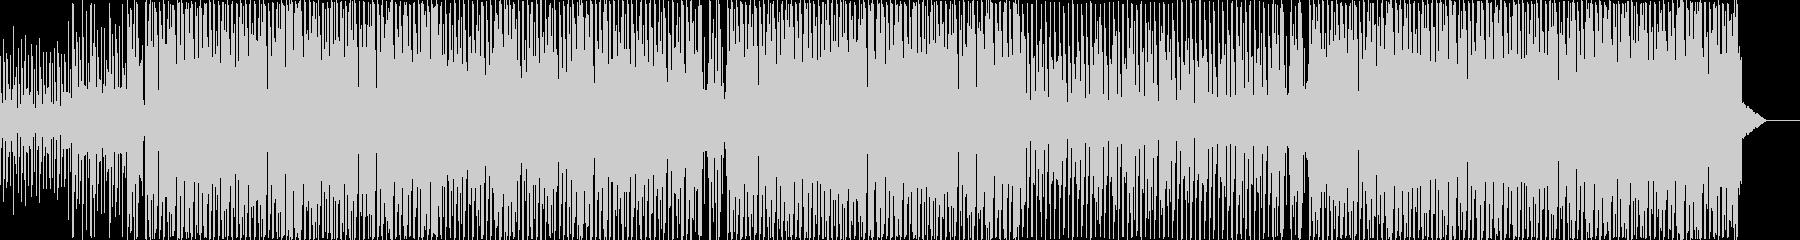 癖のないシンプルで、清潔感のあるEDMの未再生の波形